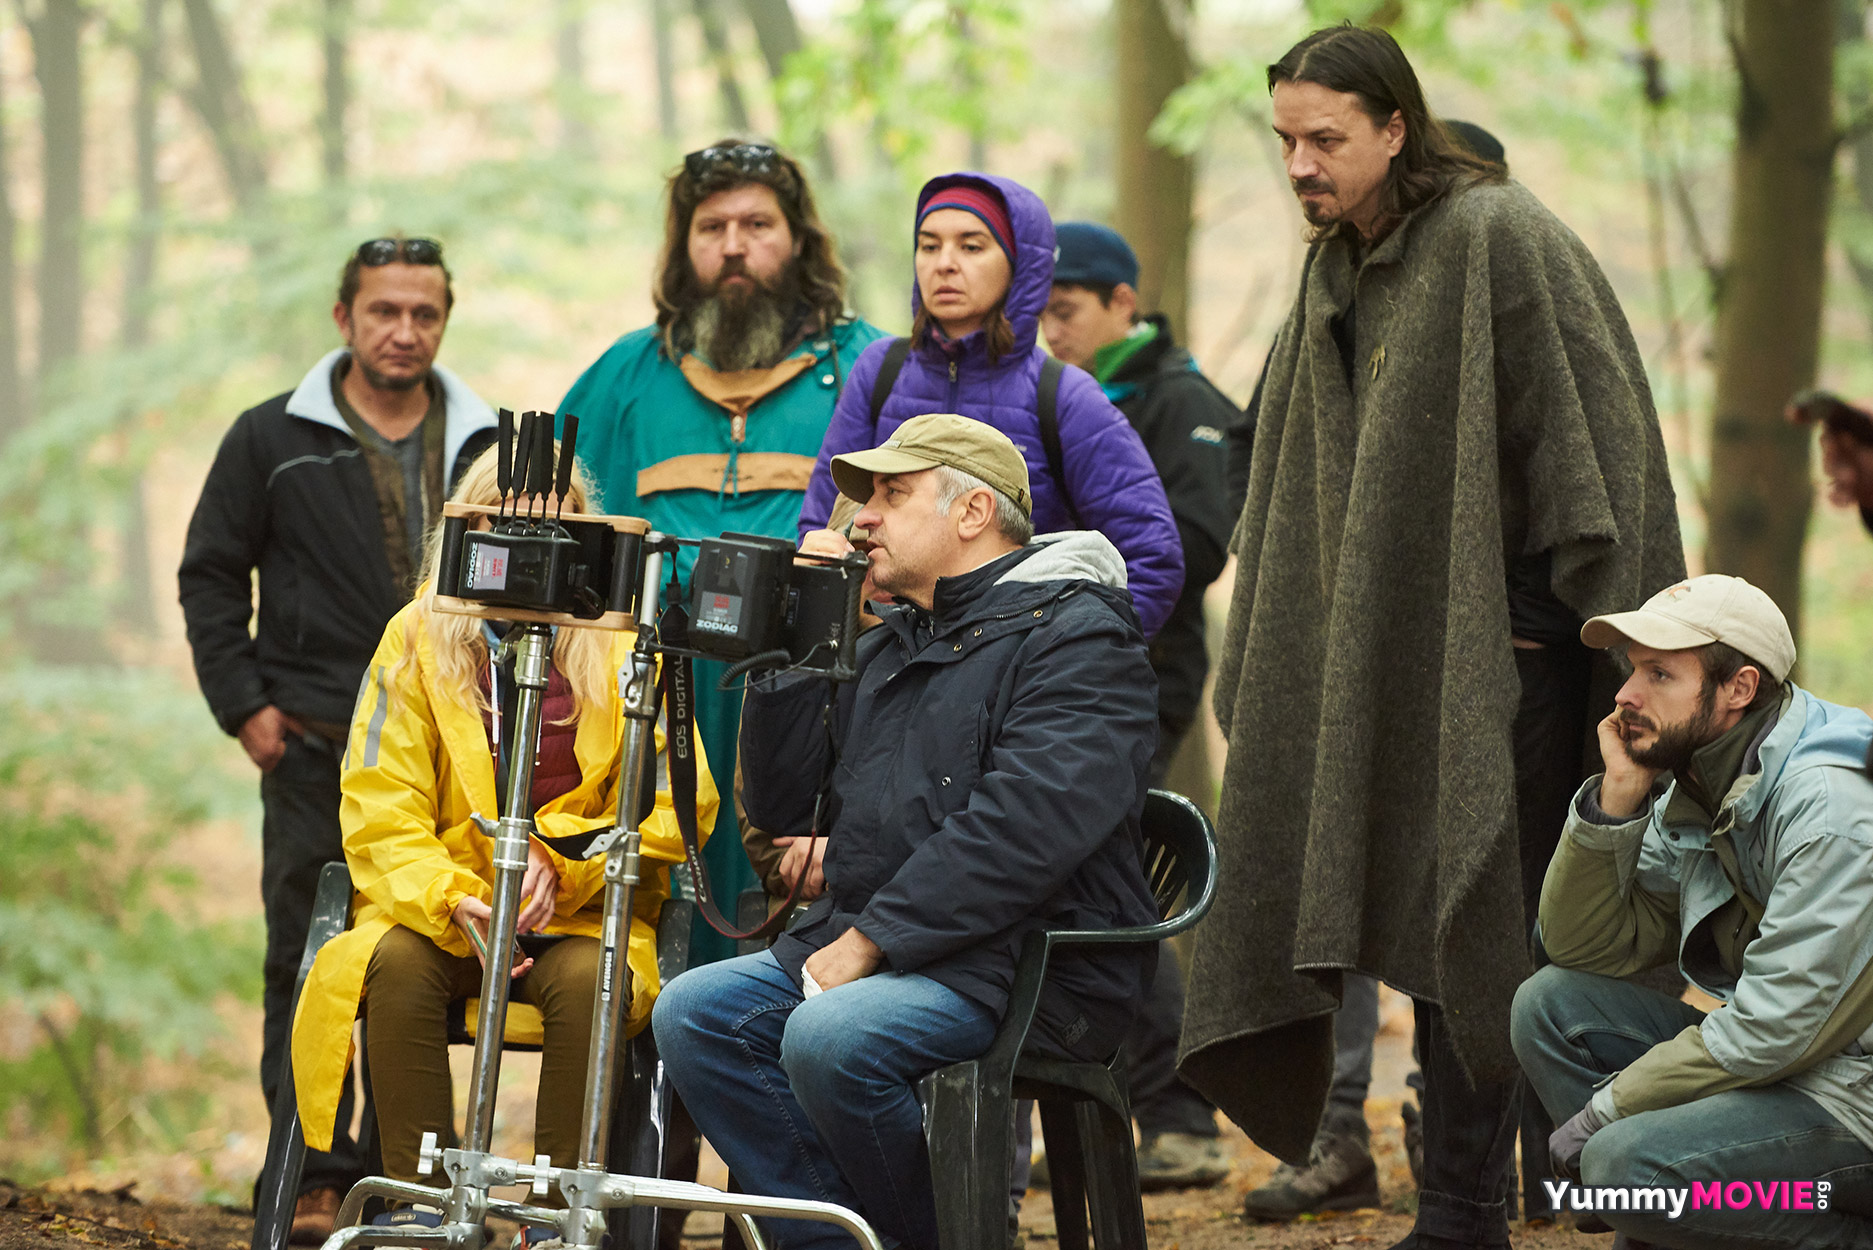 Легенди Чарівнолісся: Перший етап зйомок кіноказки завершено